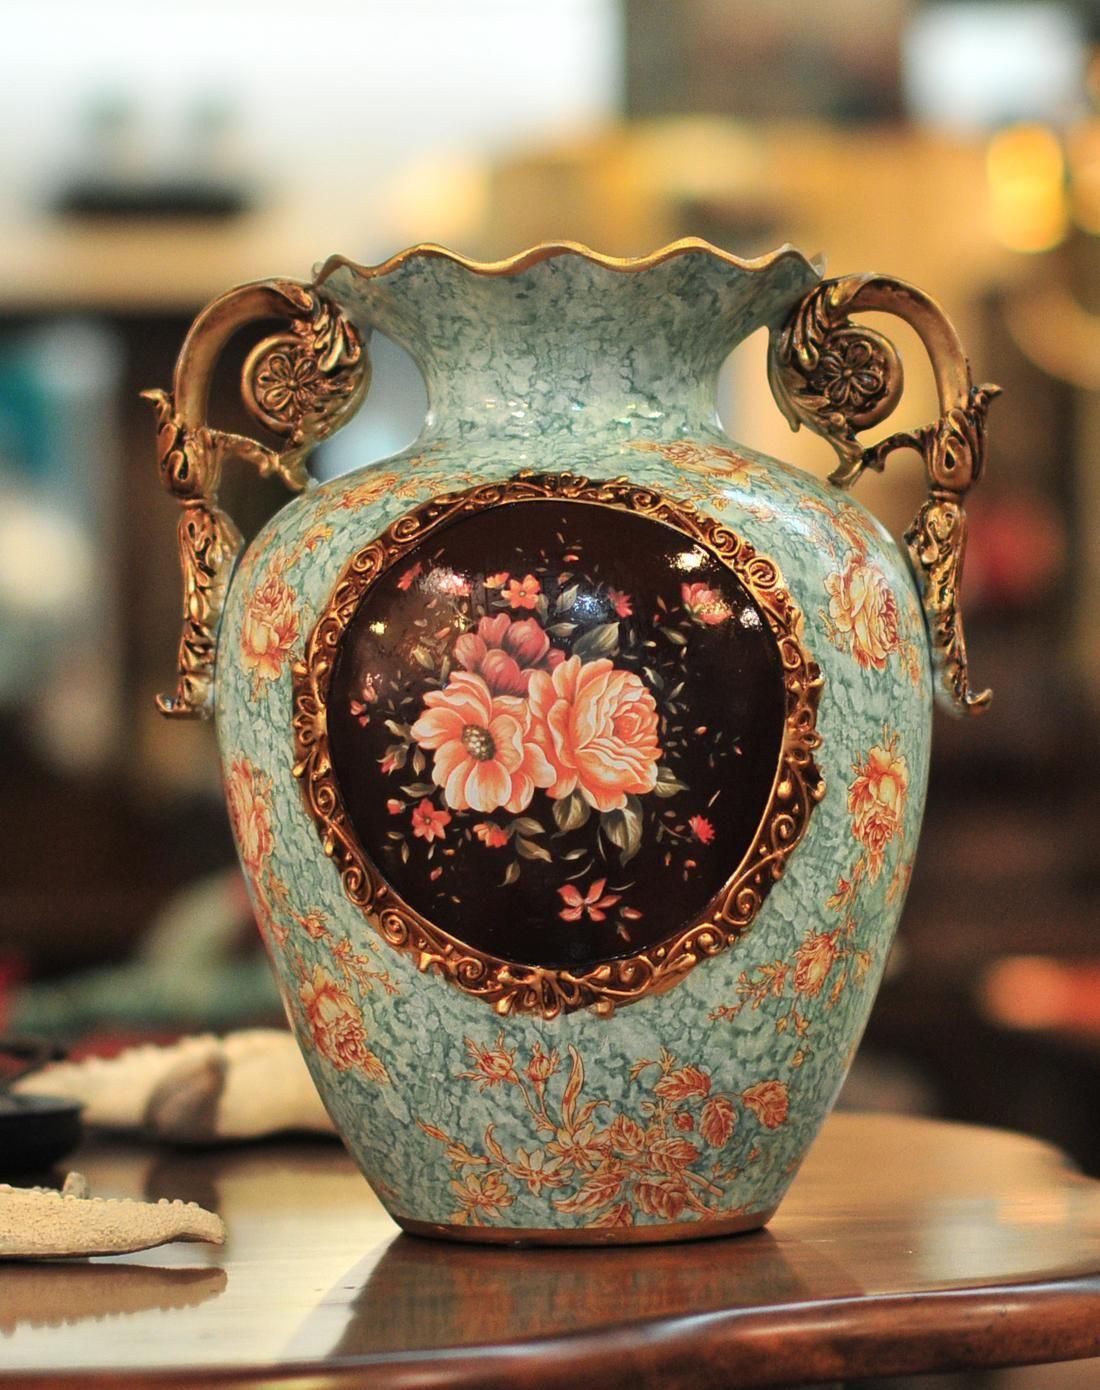 朵兰舍doolans欧式宫廷彩绘陶瓷装饰花瓶hqdw85-mf